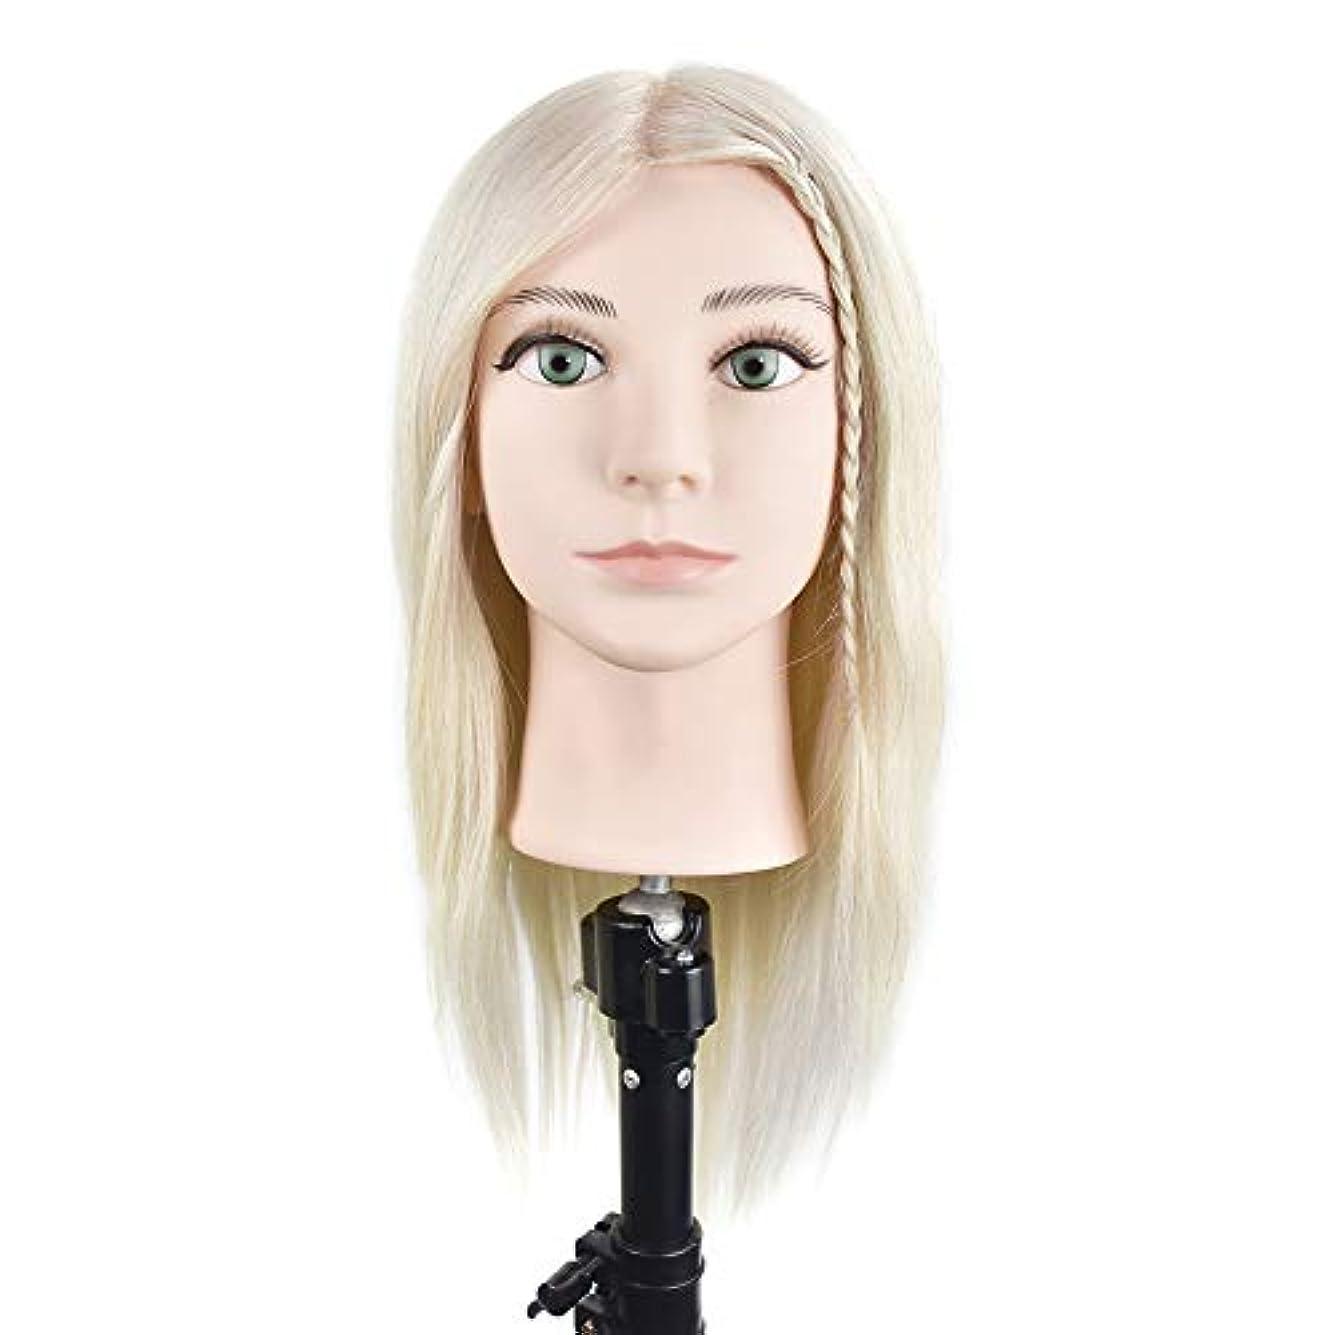 石化する流暢崇拝します専門の練習ホット染色漂白はさみモデリングマネキン髪編組髪かつら女性モデルティーチングヘッド